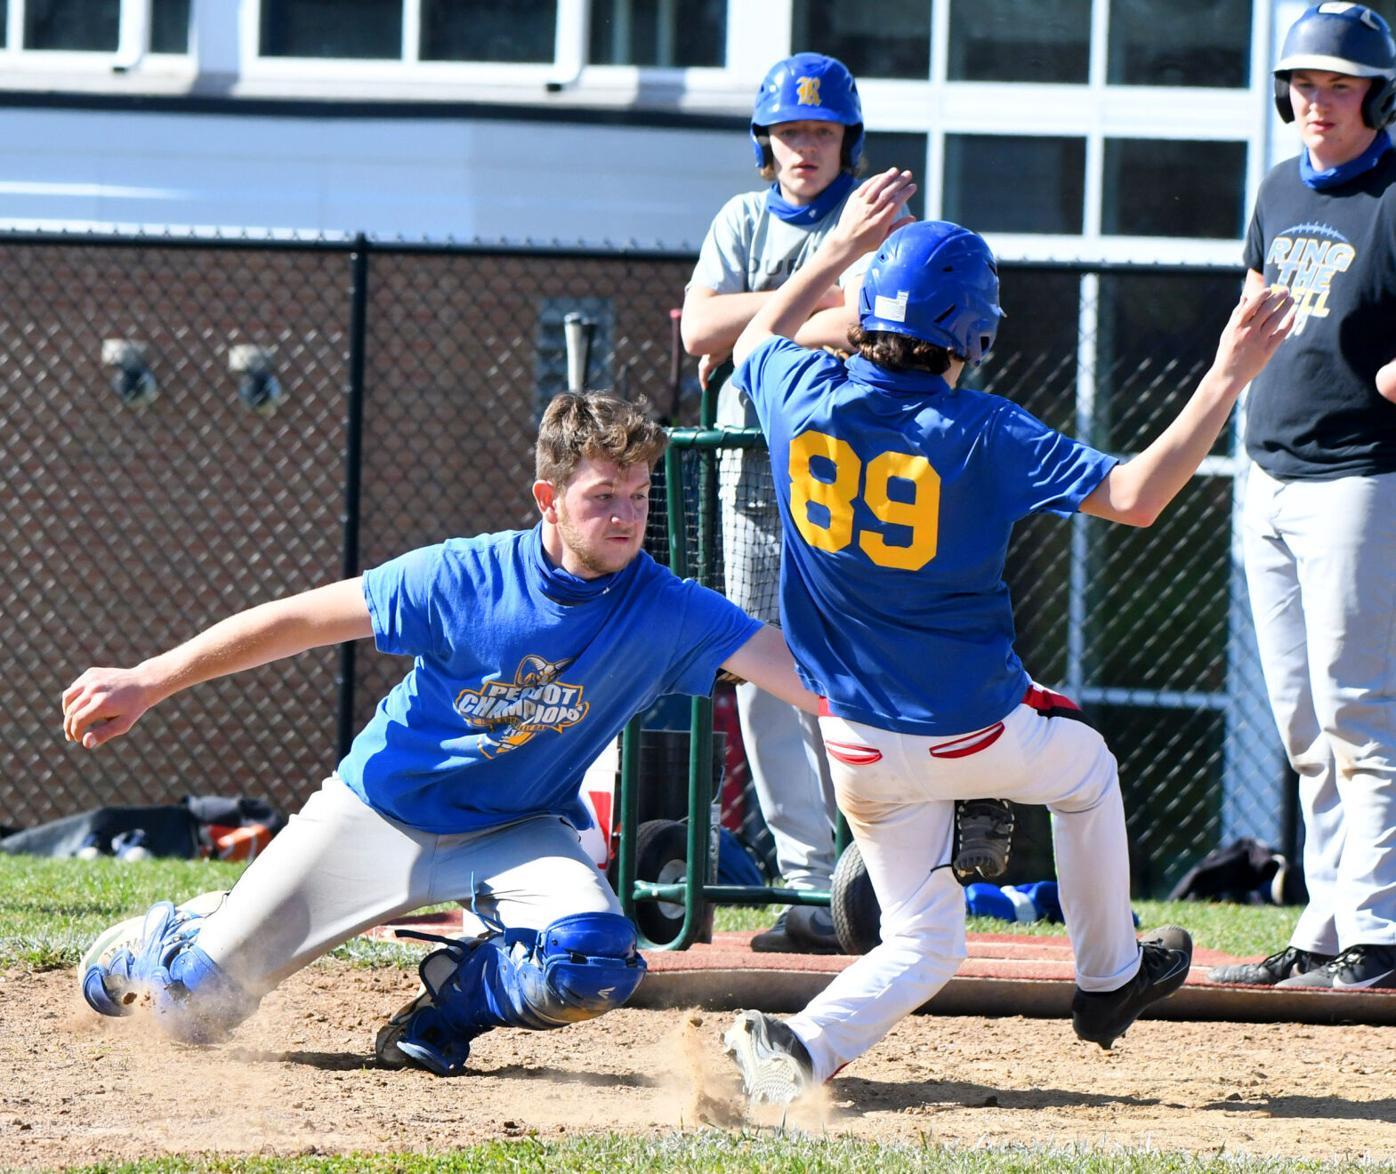 040621 VE Baseball Preview 02.jpg